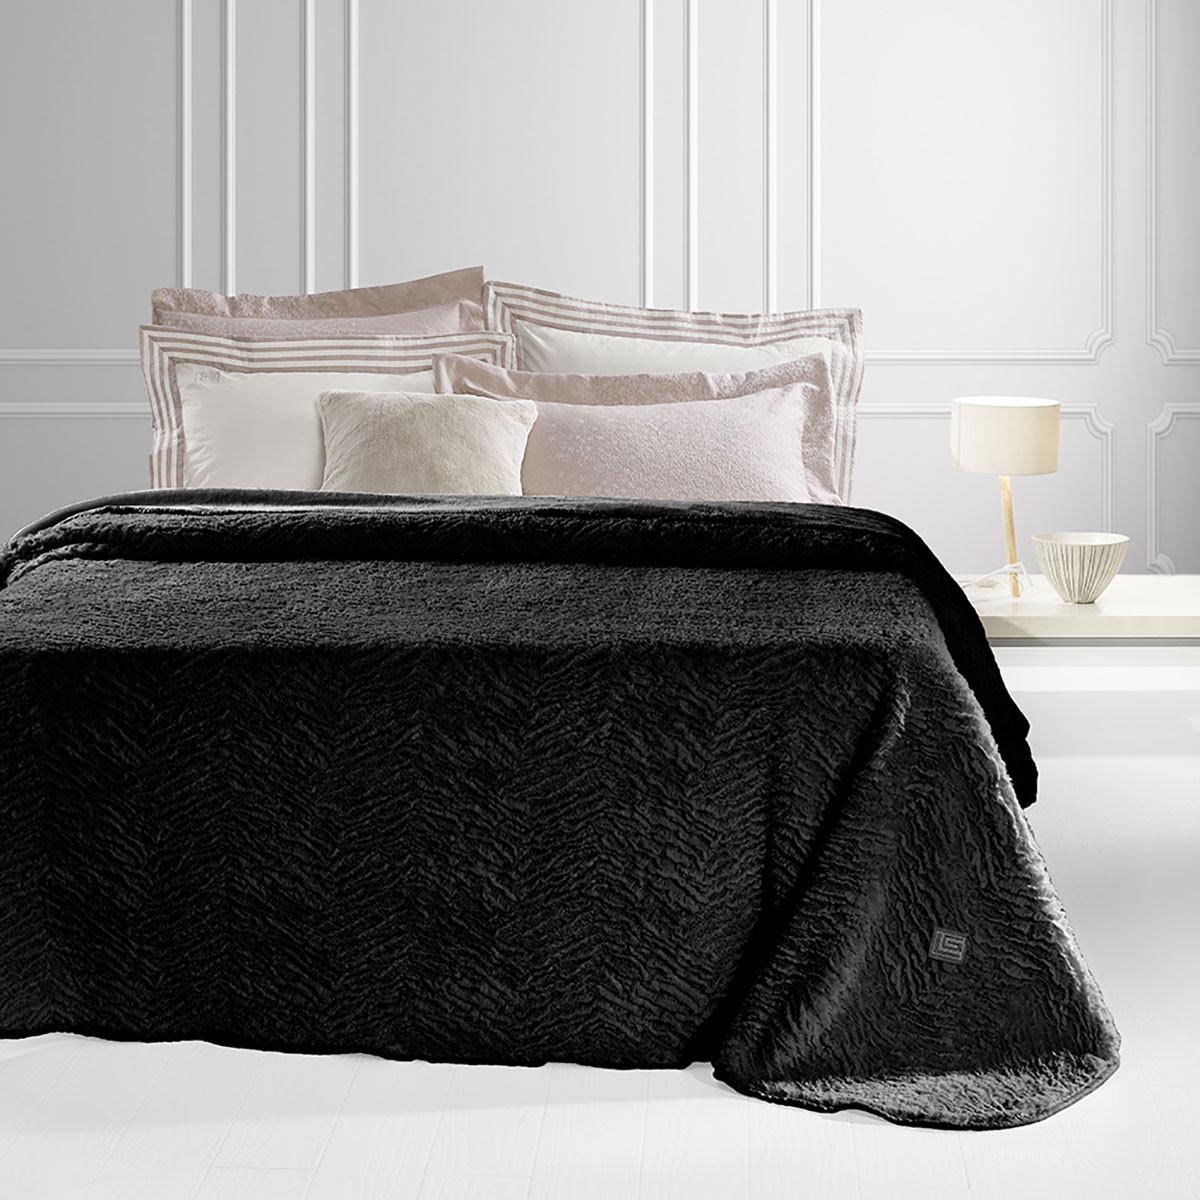 Κουβέρτα Γούνινη Υπέρδιπλη Guy Laroche Nordic Black home   κρεβατοκάμαρα   κουβέρτες   κουβέρτες γούνινες   μάλλινες